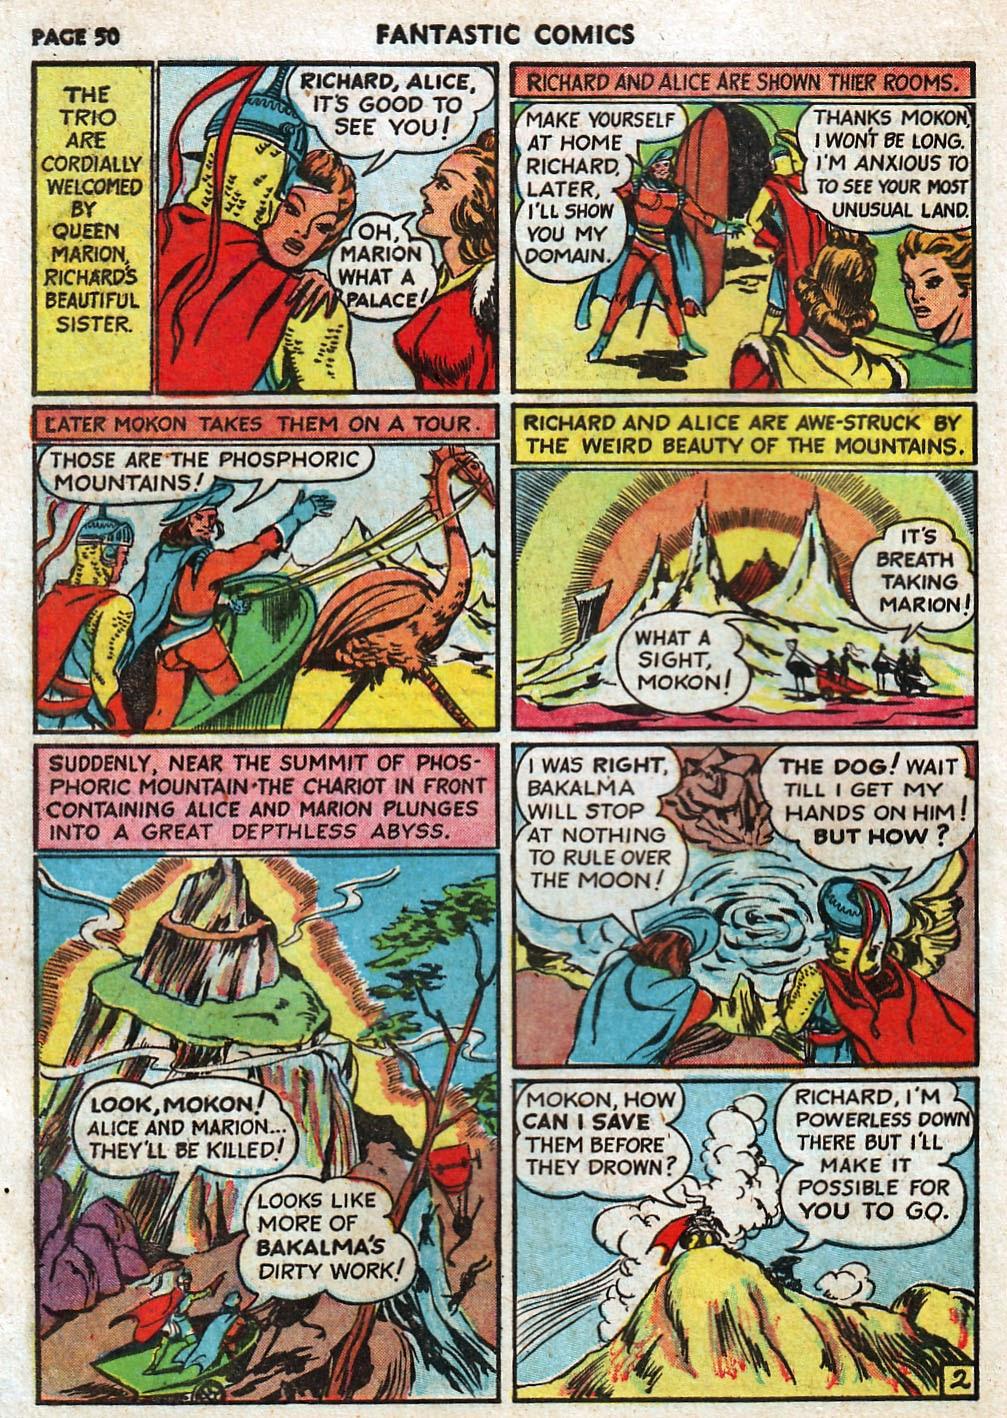 Read online Fantastic Comics comic -  Issue #17 - 51